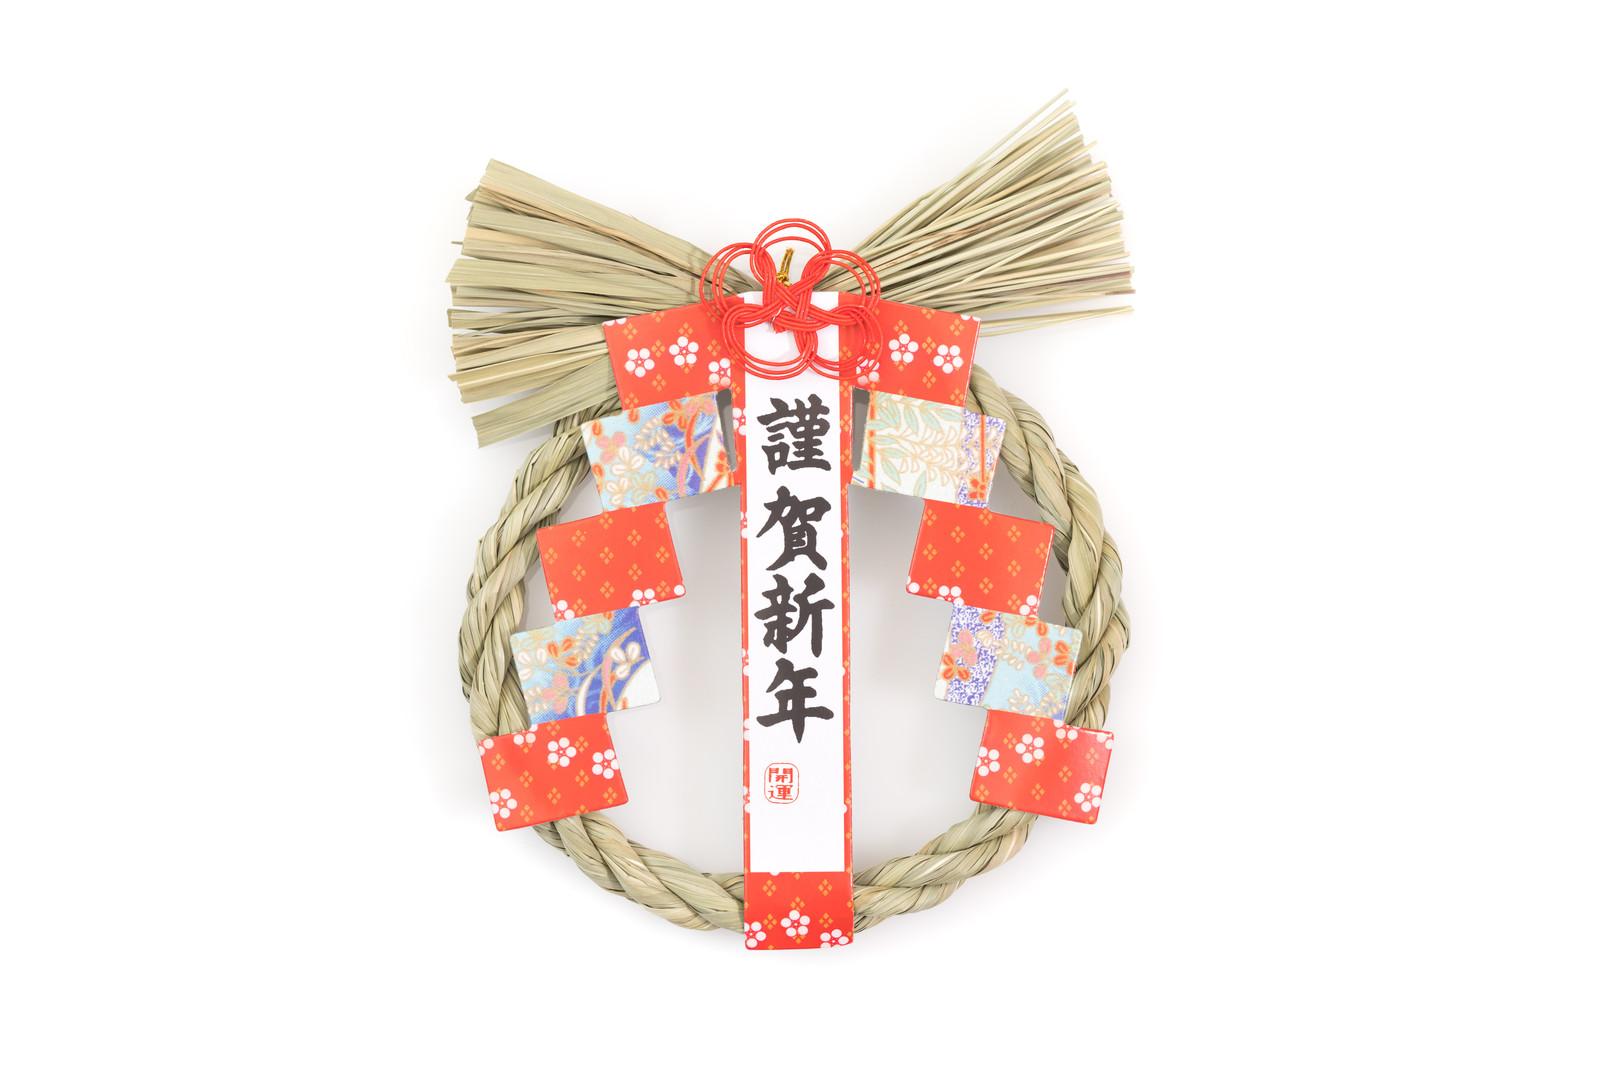 正月飾りはドアノブに飾るのが縁起が良いのか? 正月飾りの飾り方について